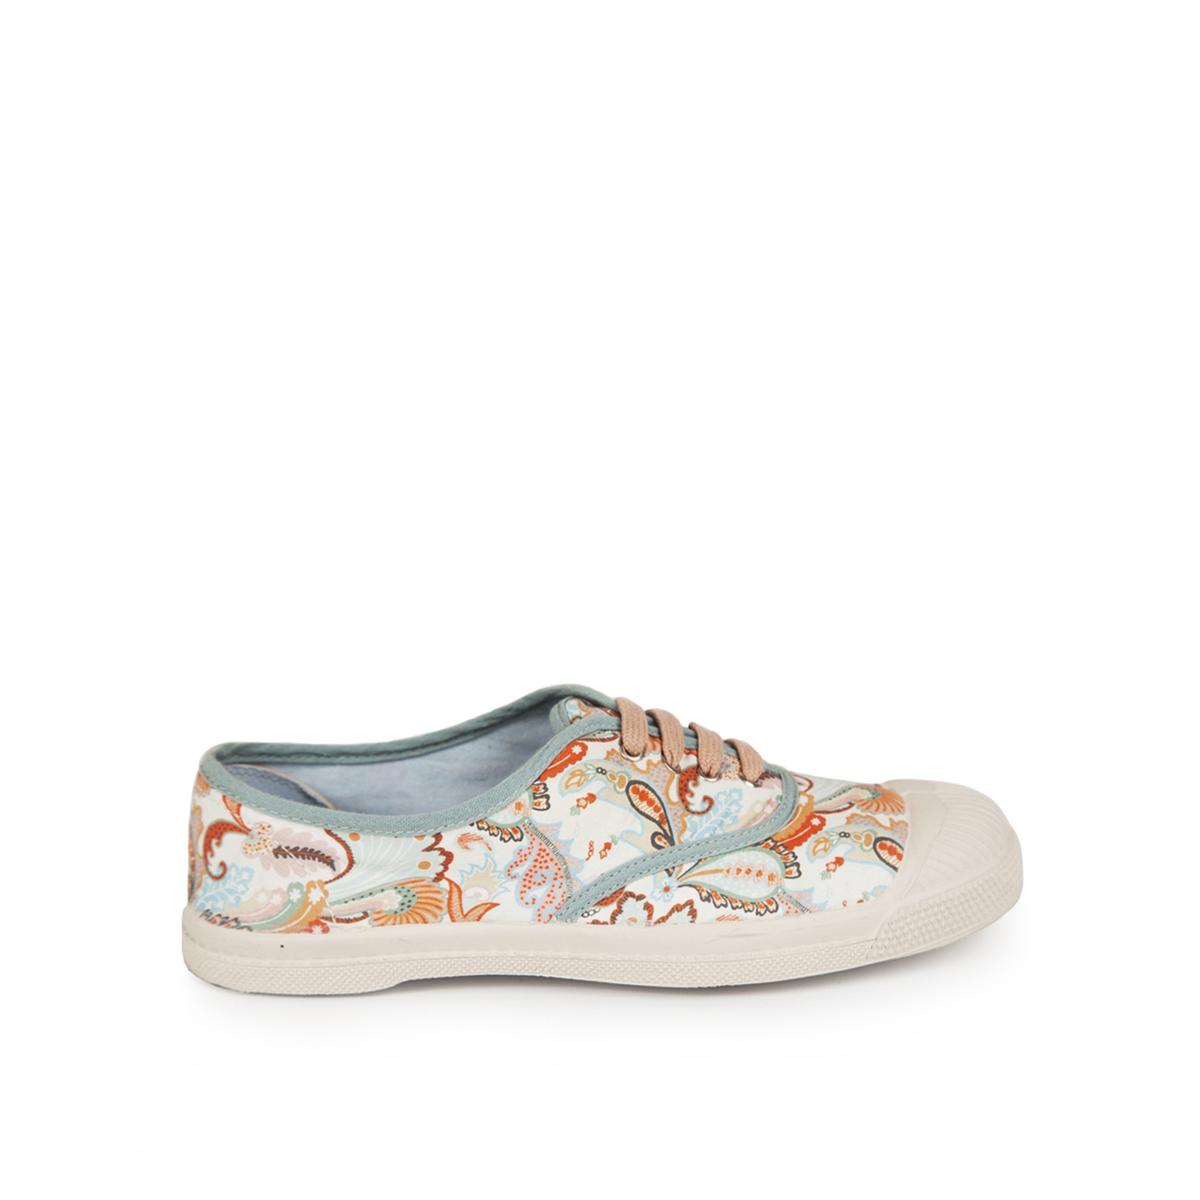 Zapatillas con cordones, estampado floral